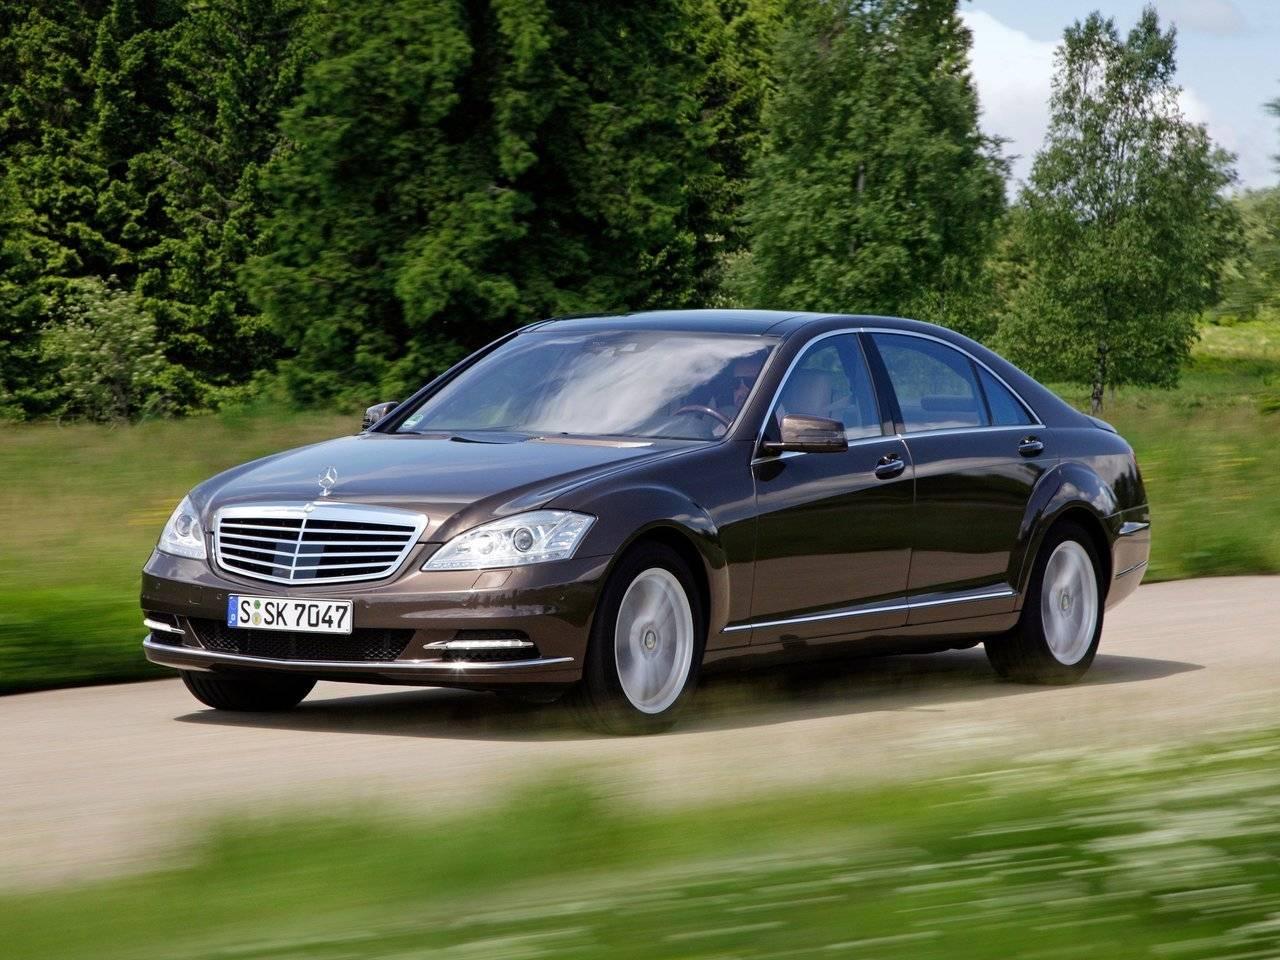 Mercedes Benz S-klasse AMG V: что не так с лимузином из начала 2000-х